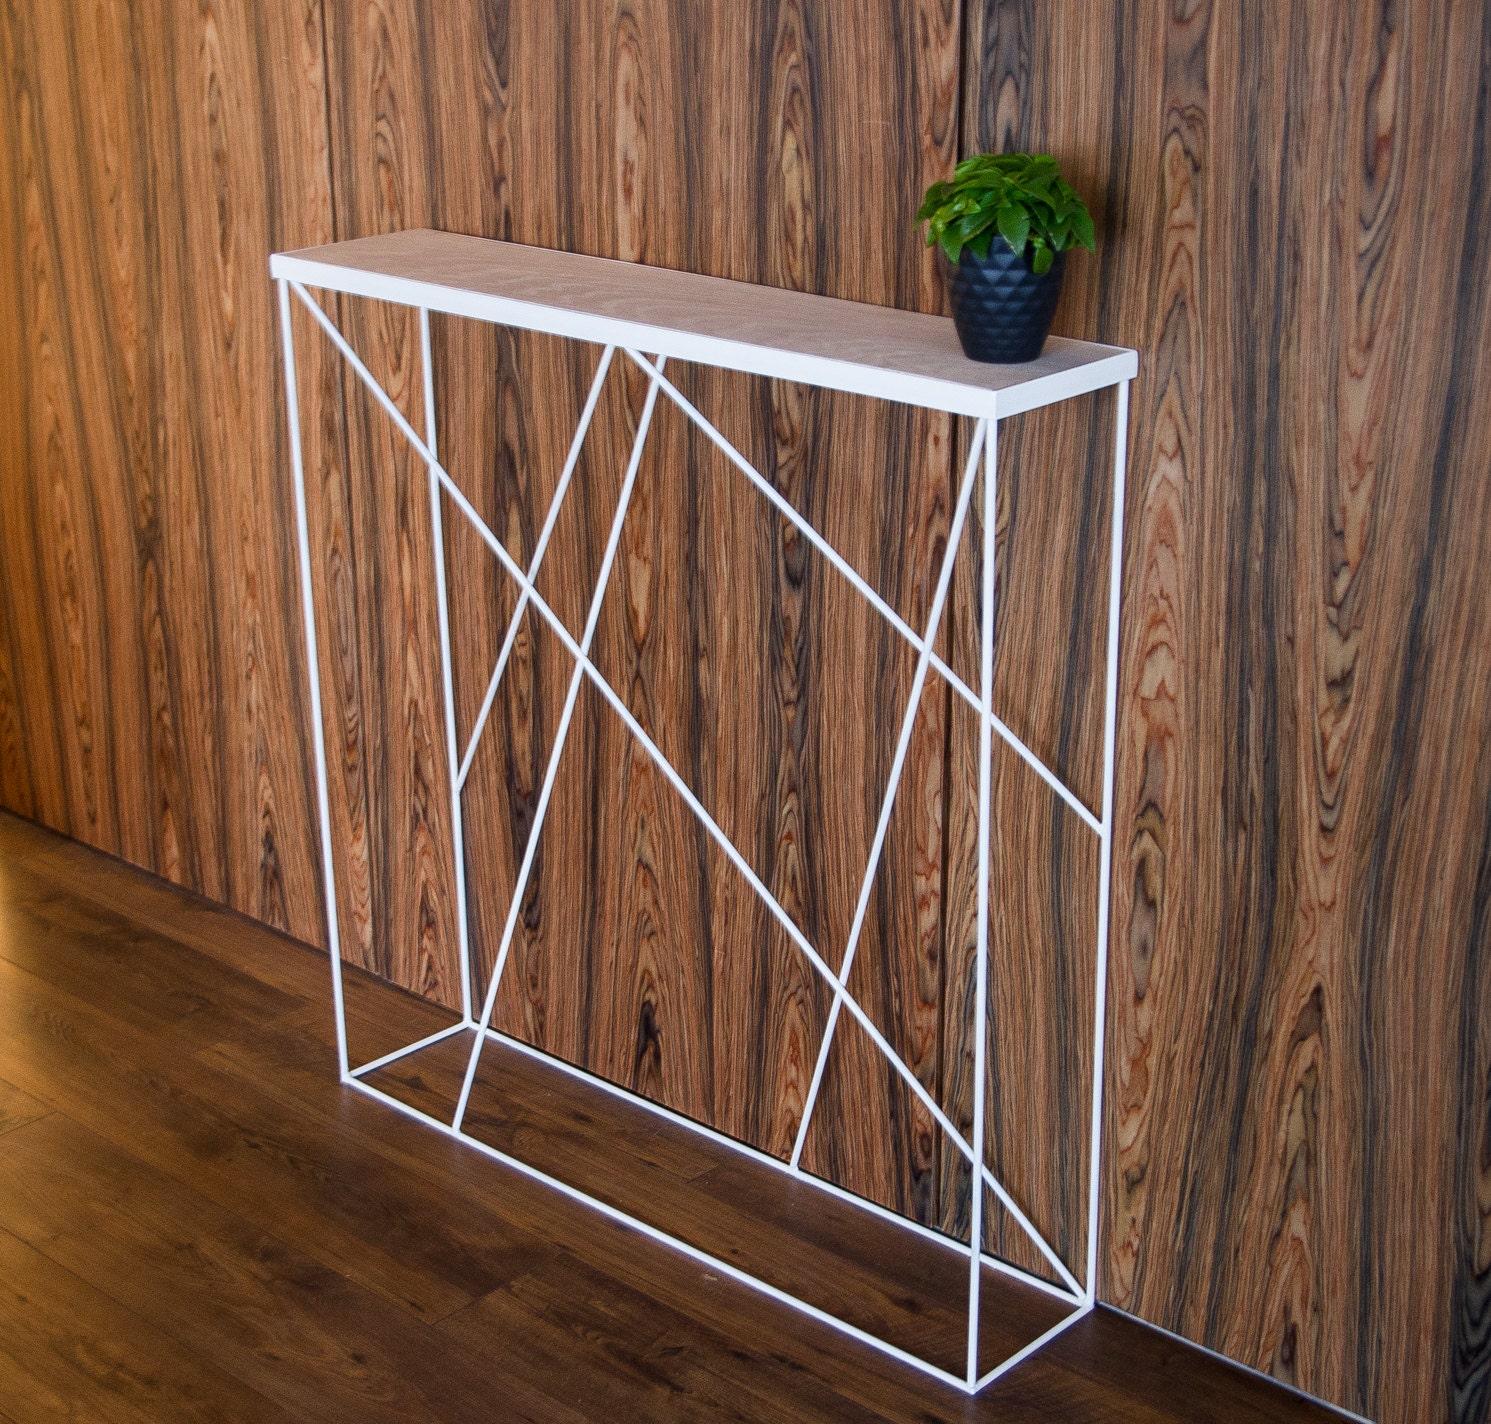 Consolle in bianco stretta consolle tavolo di di RefillDecor